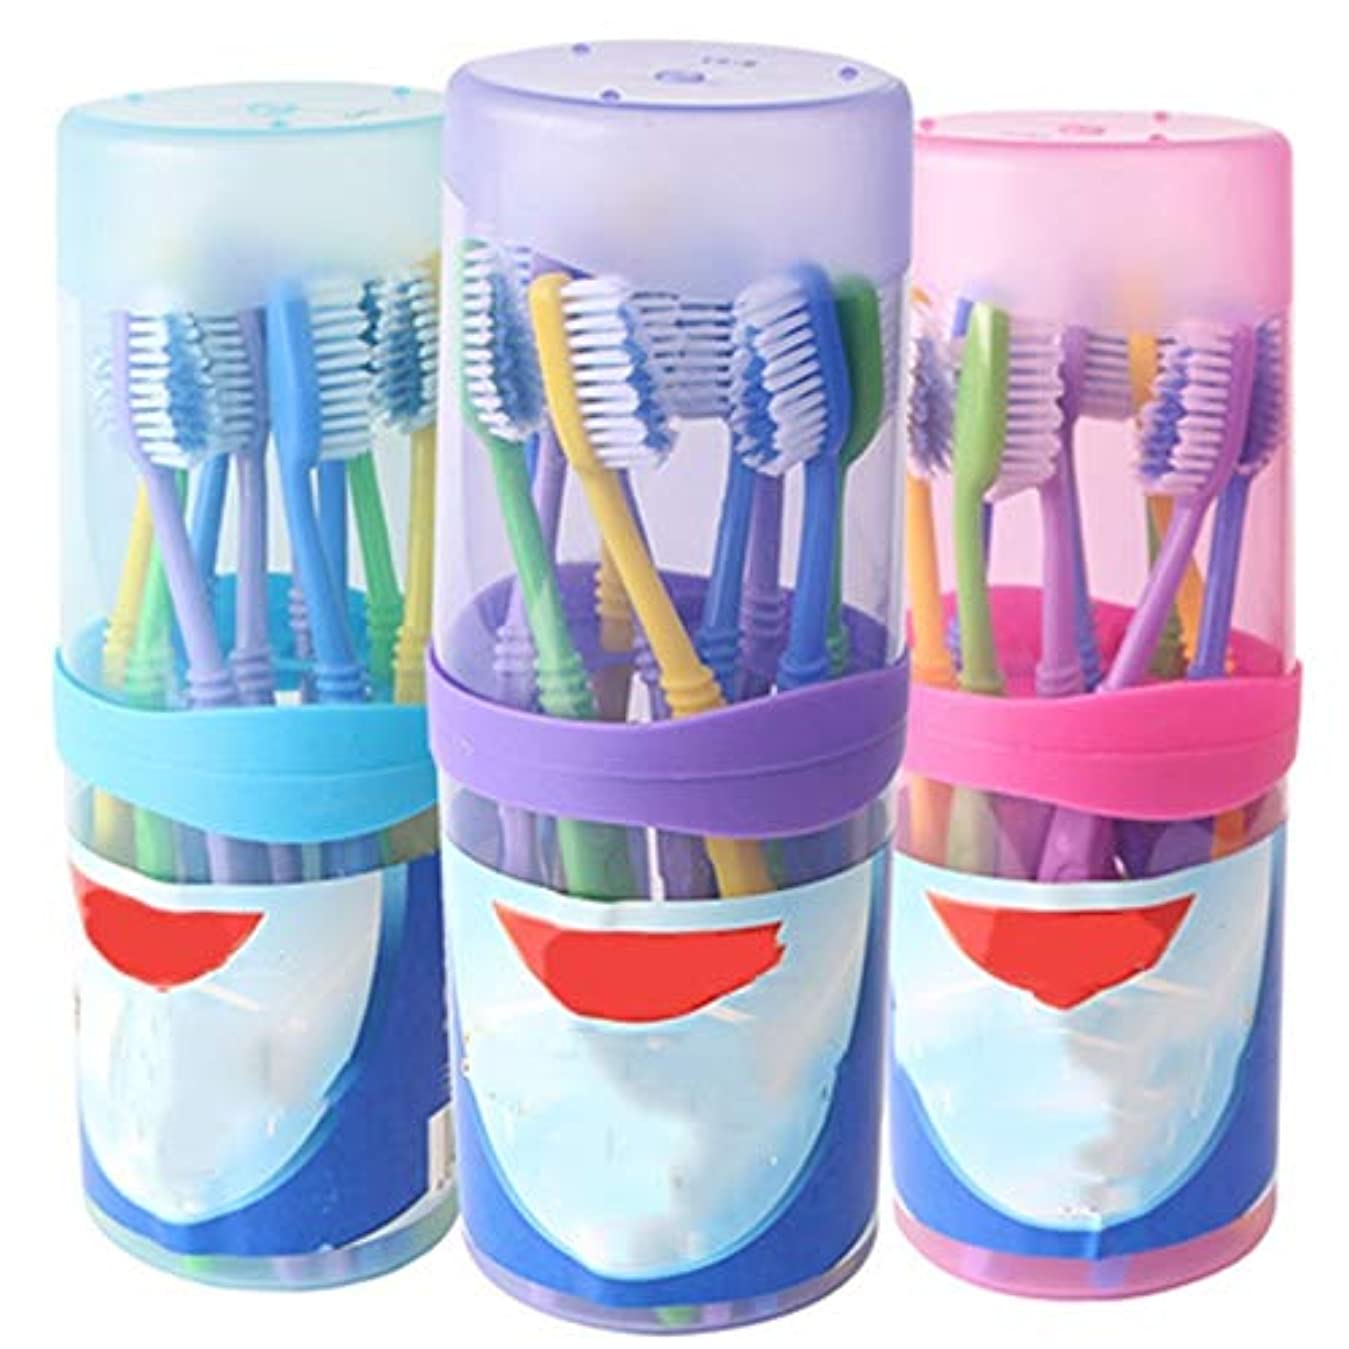 コンテンツ社会科不定歯ブラシ 30本の歯ブラシ、バルク大人歯ブラシ、歯茎のためのクリーンタルタルとケア - 使用可能なスタイルの2種類 HL (色 : A, サイズ : 30 packs)